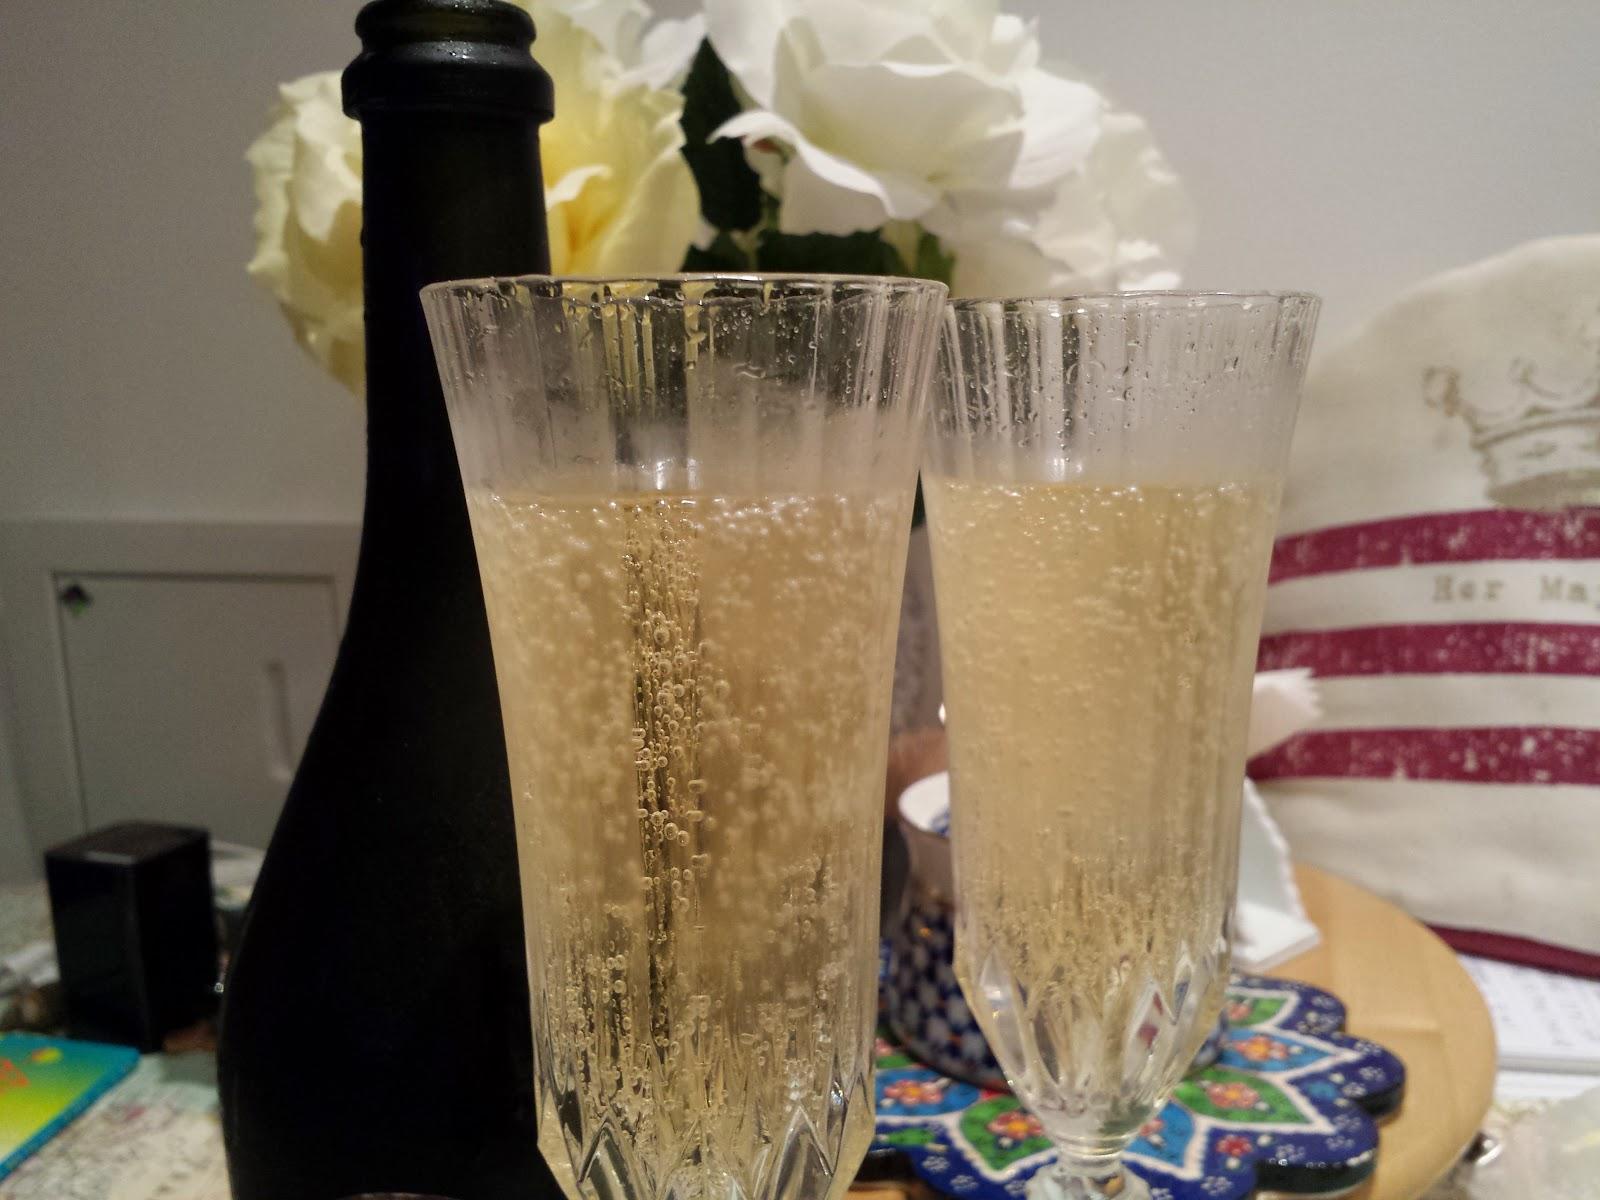 Отзывы вино Крым Севастополь Inkerman Chateau Tamagne шампанское